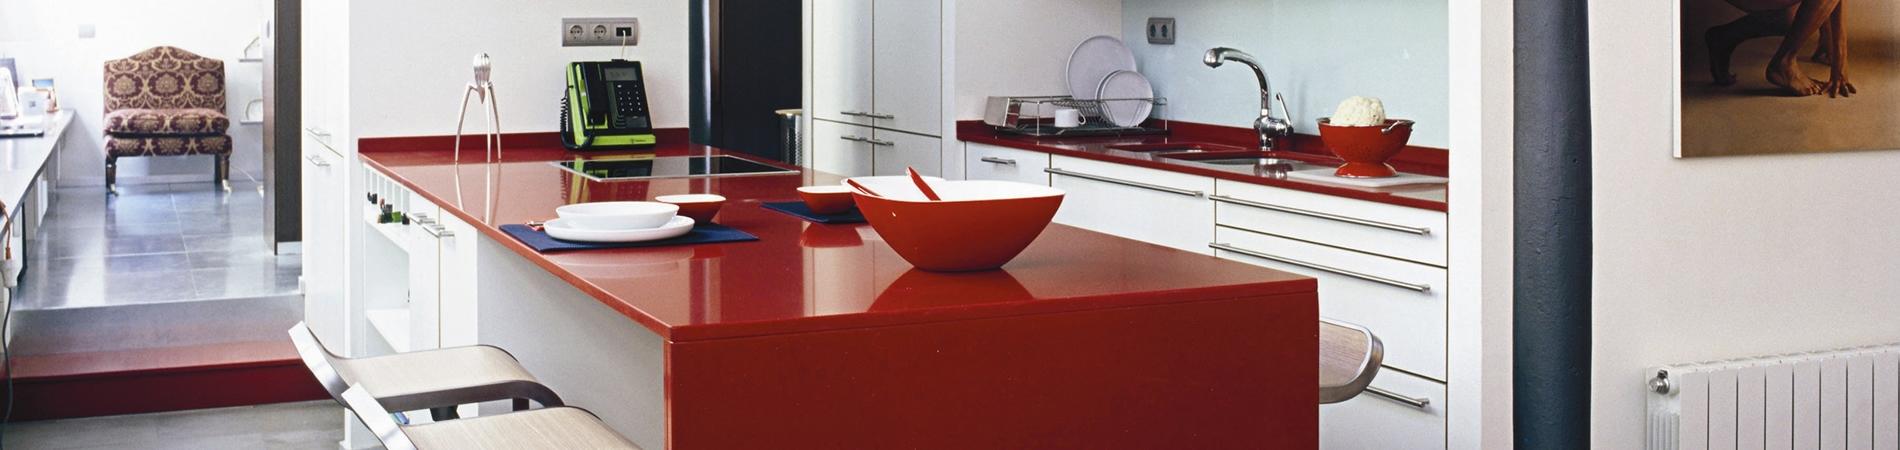 Küchenarbeitsplatten preise  Moderne Küchenarbeitsplatten - Besonders moderne Küchenarbeitsplatten